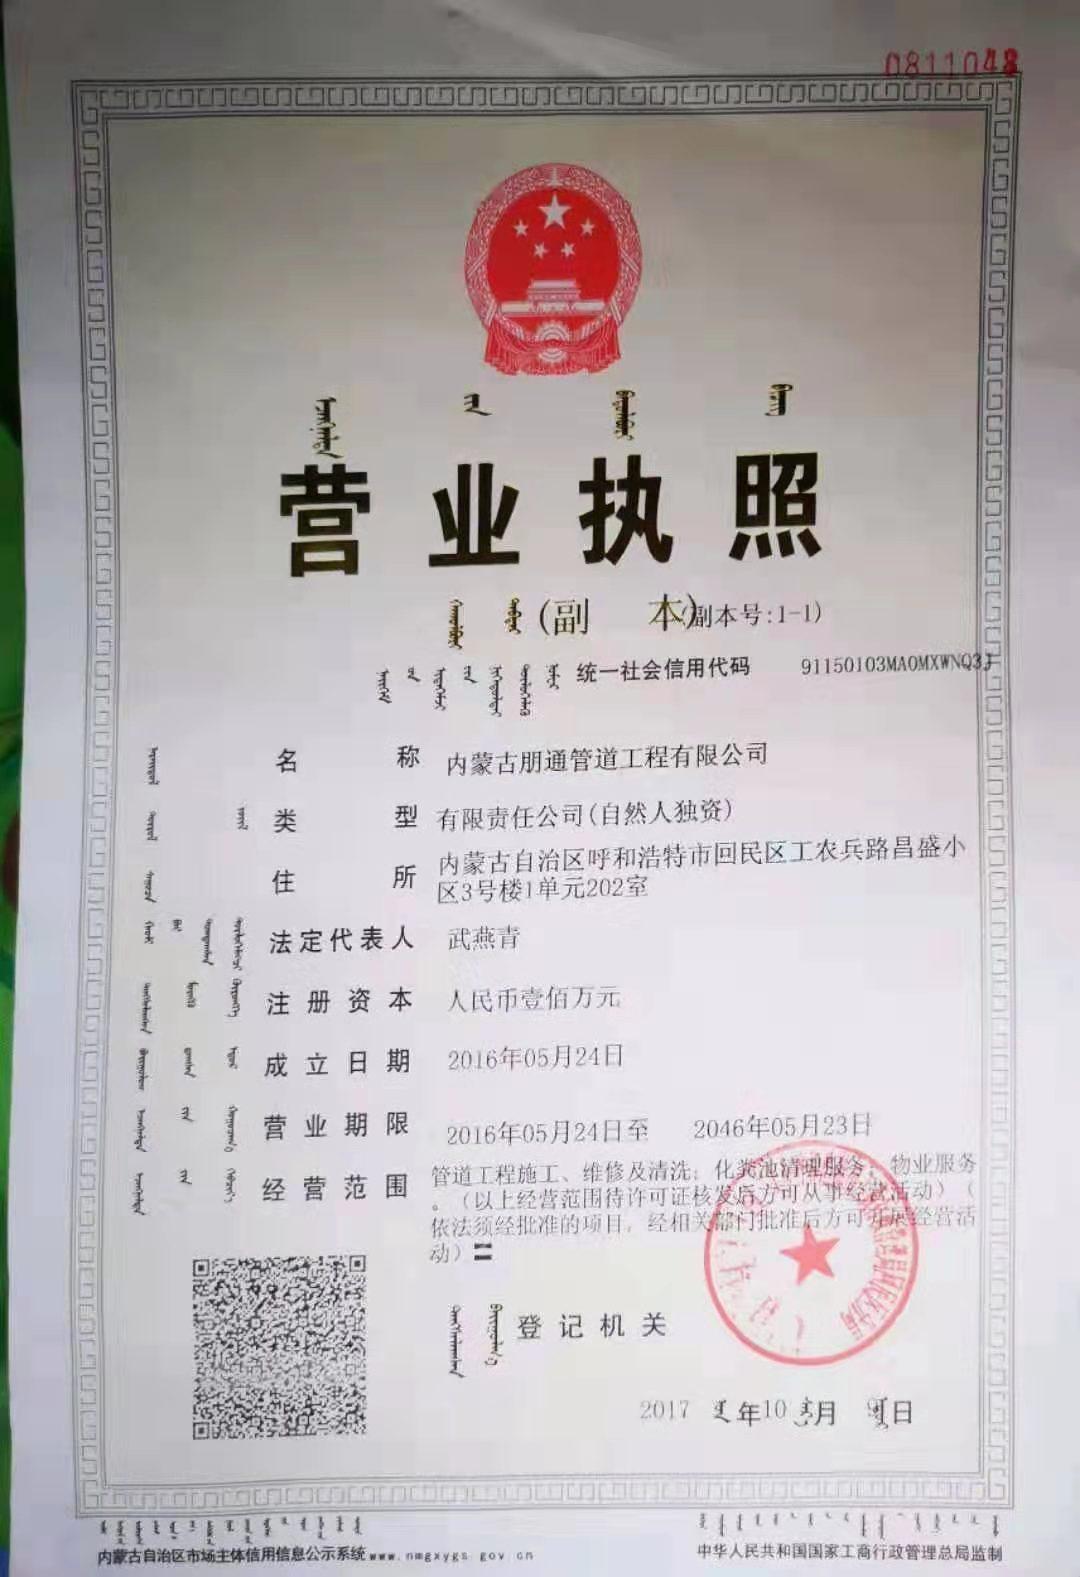 内蒙古朋通管道工程有限公司荣誉资质